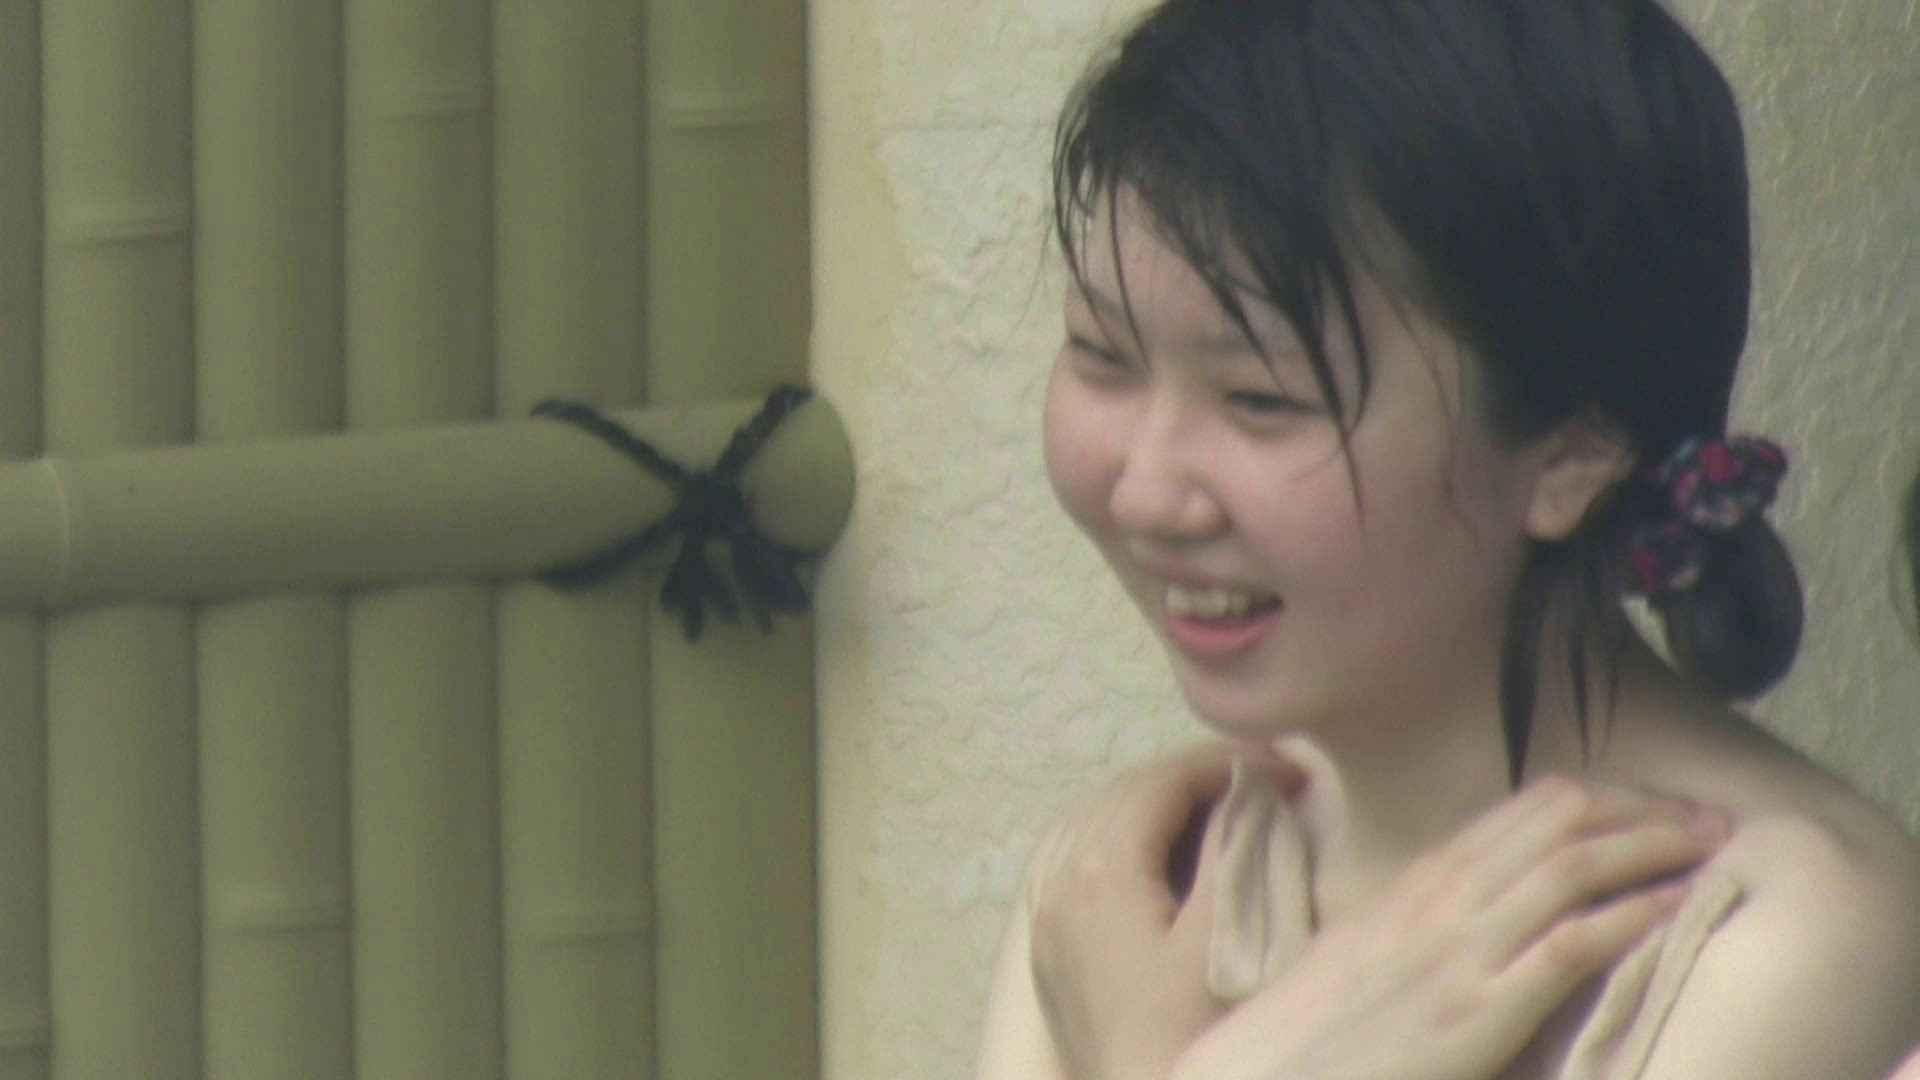 Aquaな露天風呂Vol.128 OLハメ撮り  113Pix 71